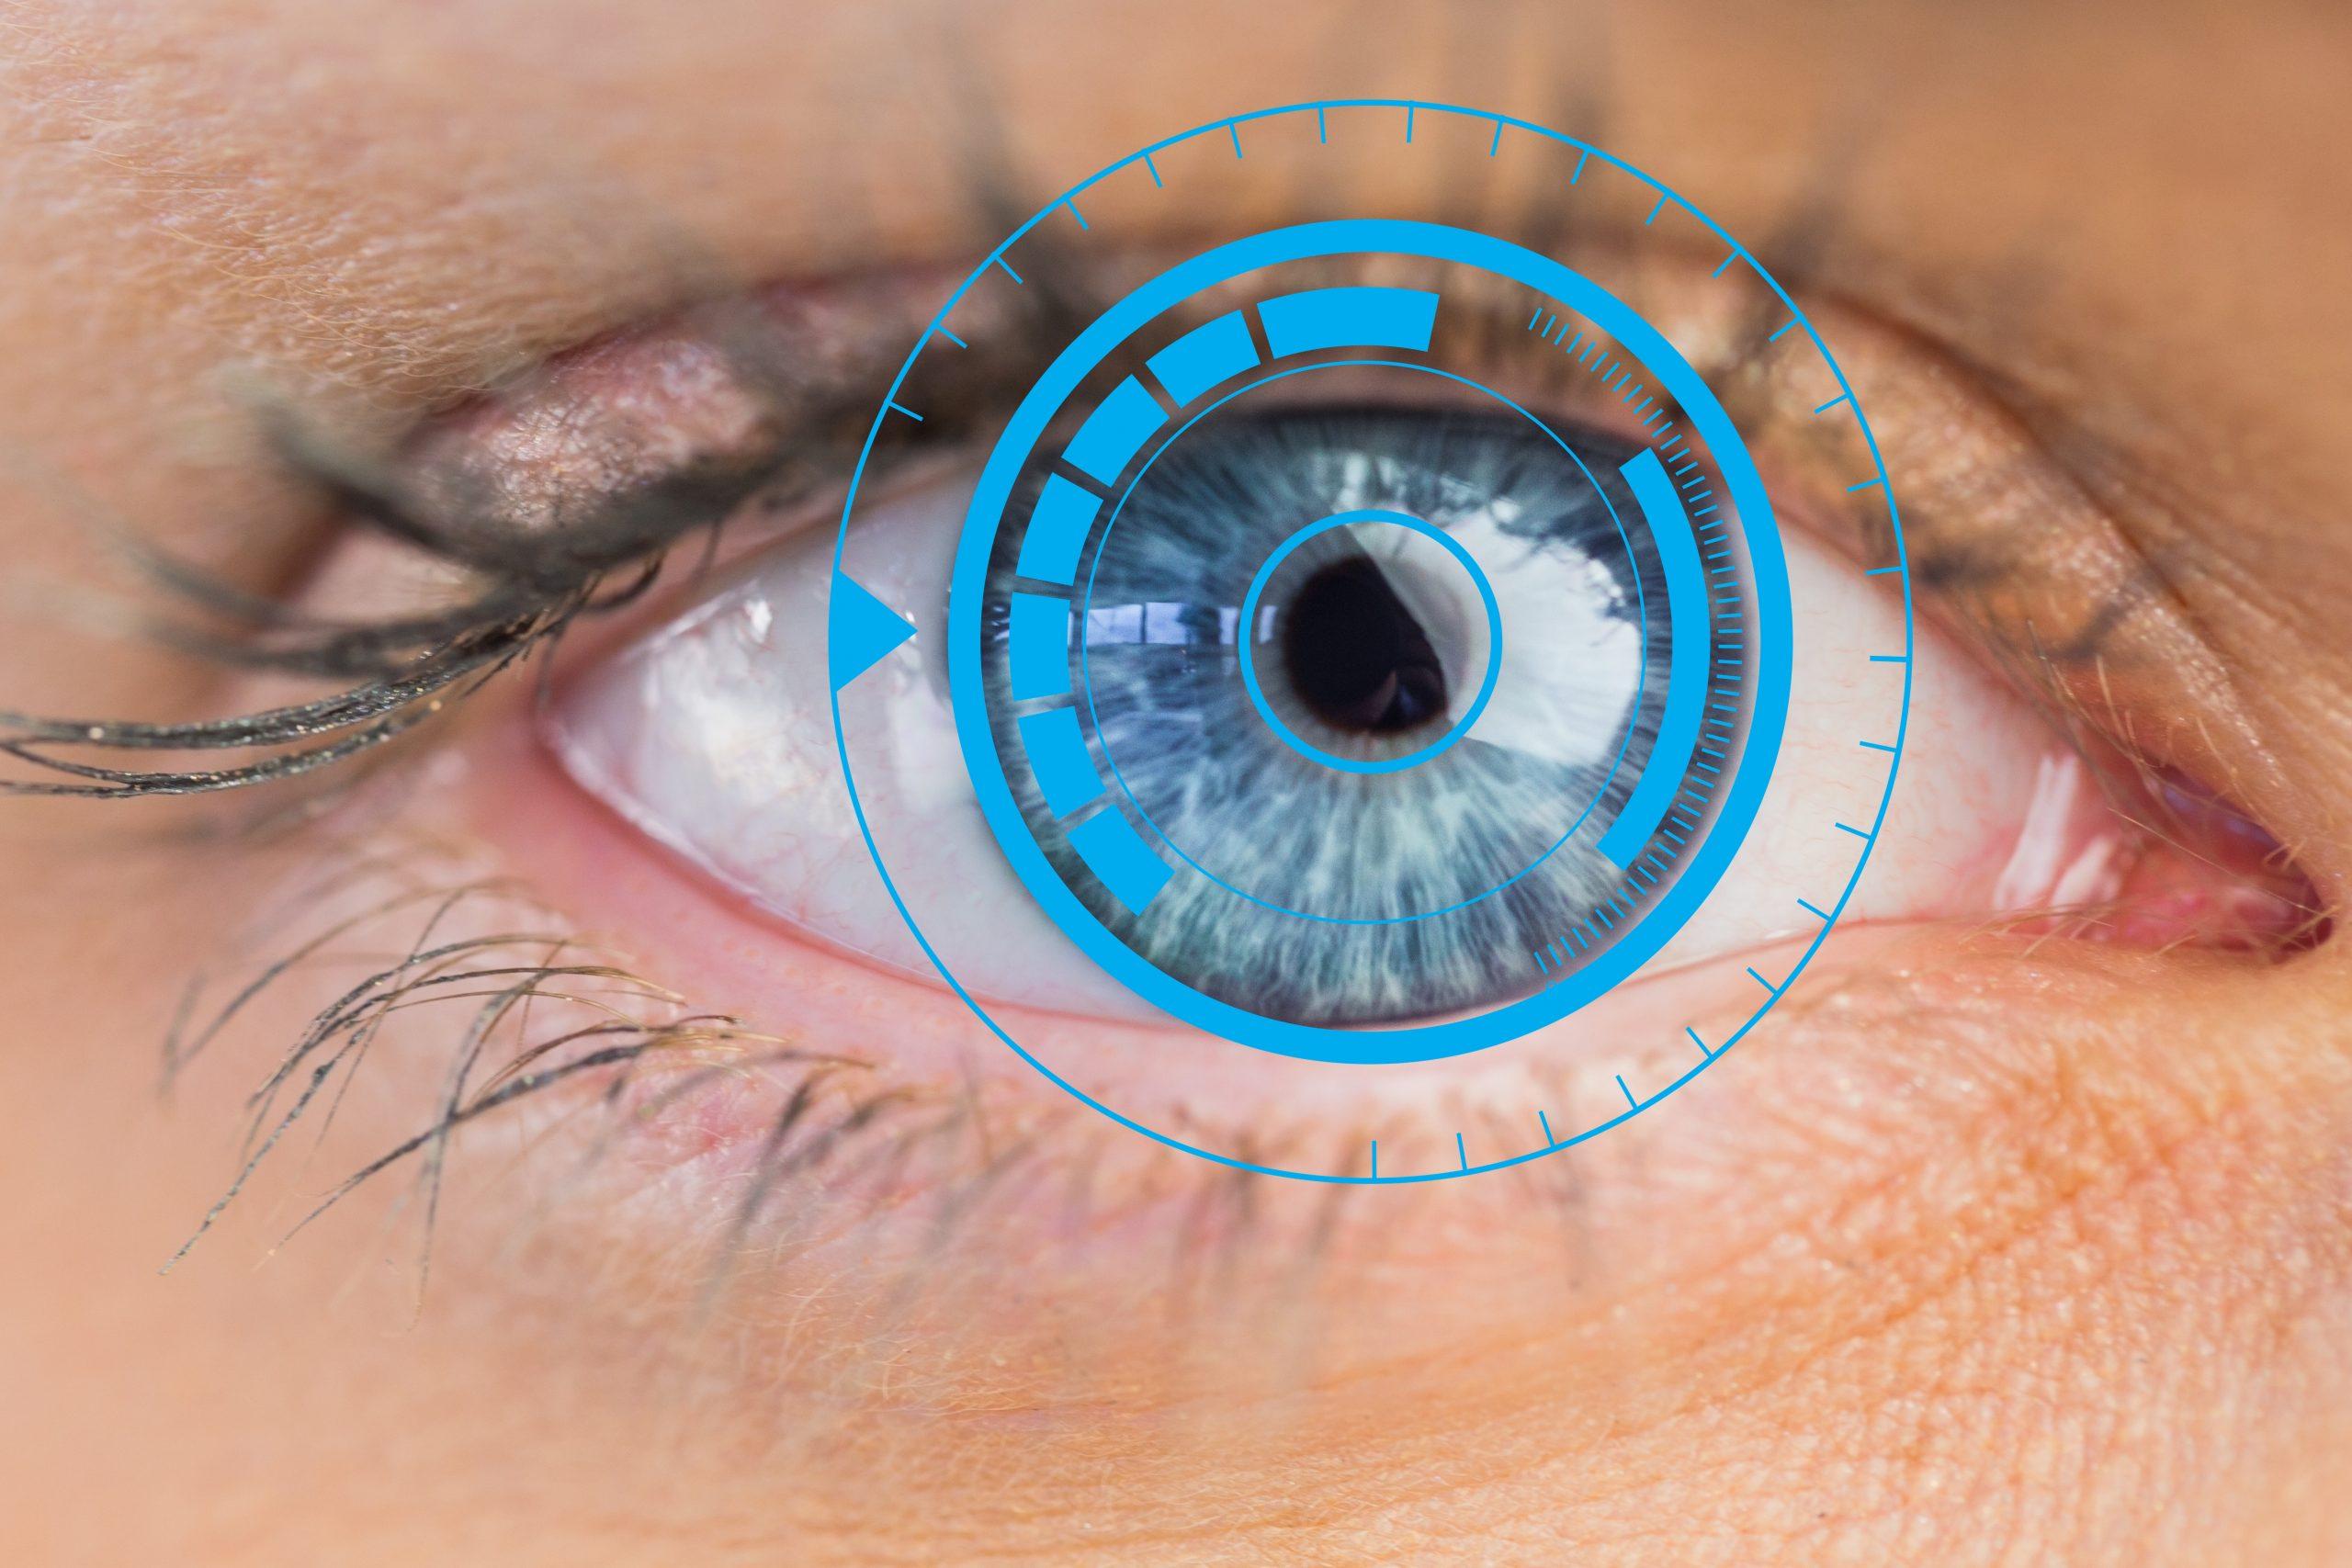 台中白佳欣眼科診所近視雷射眼睛健康